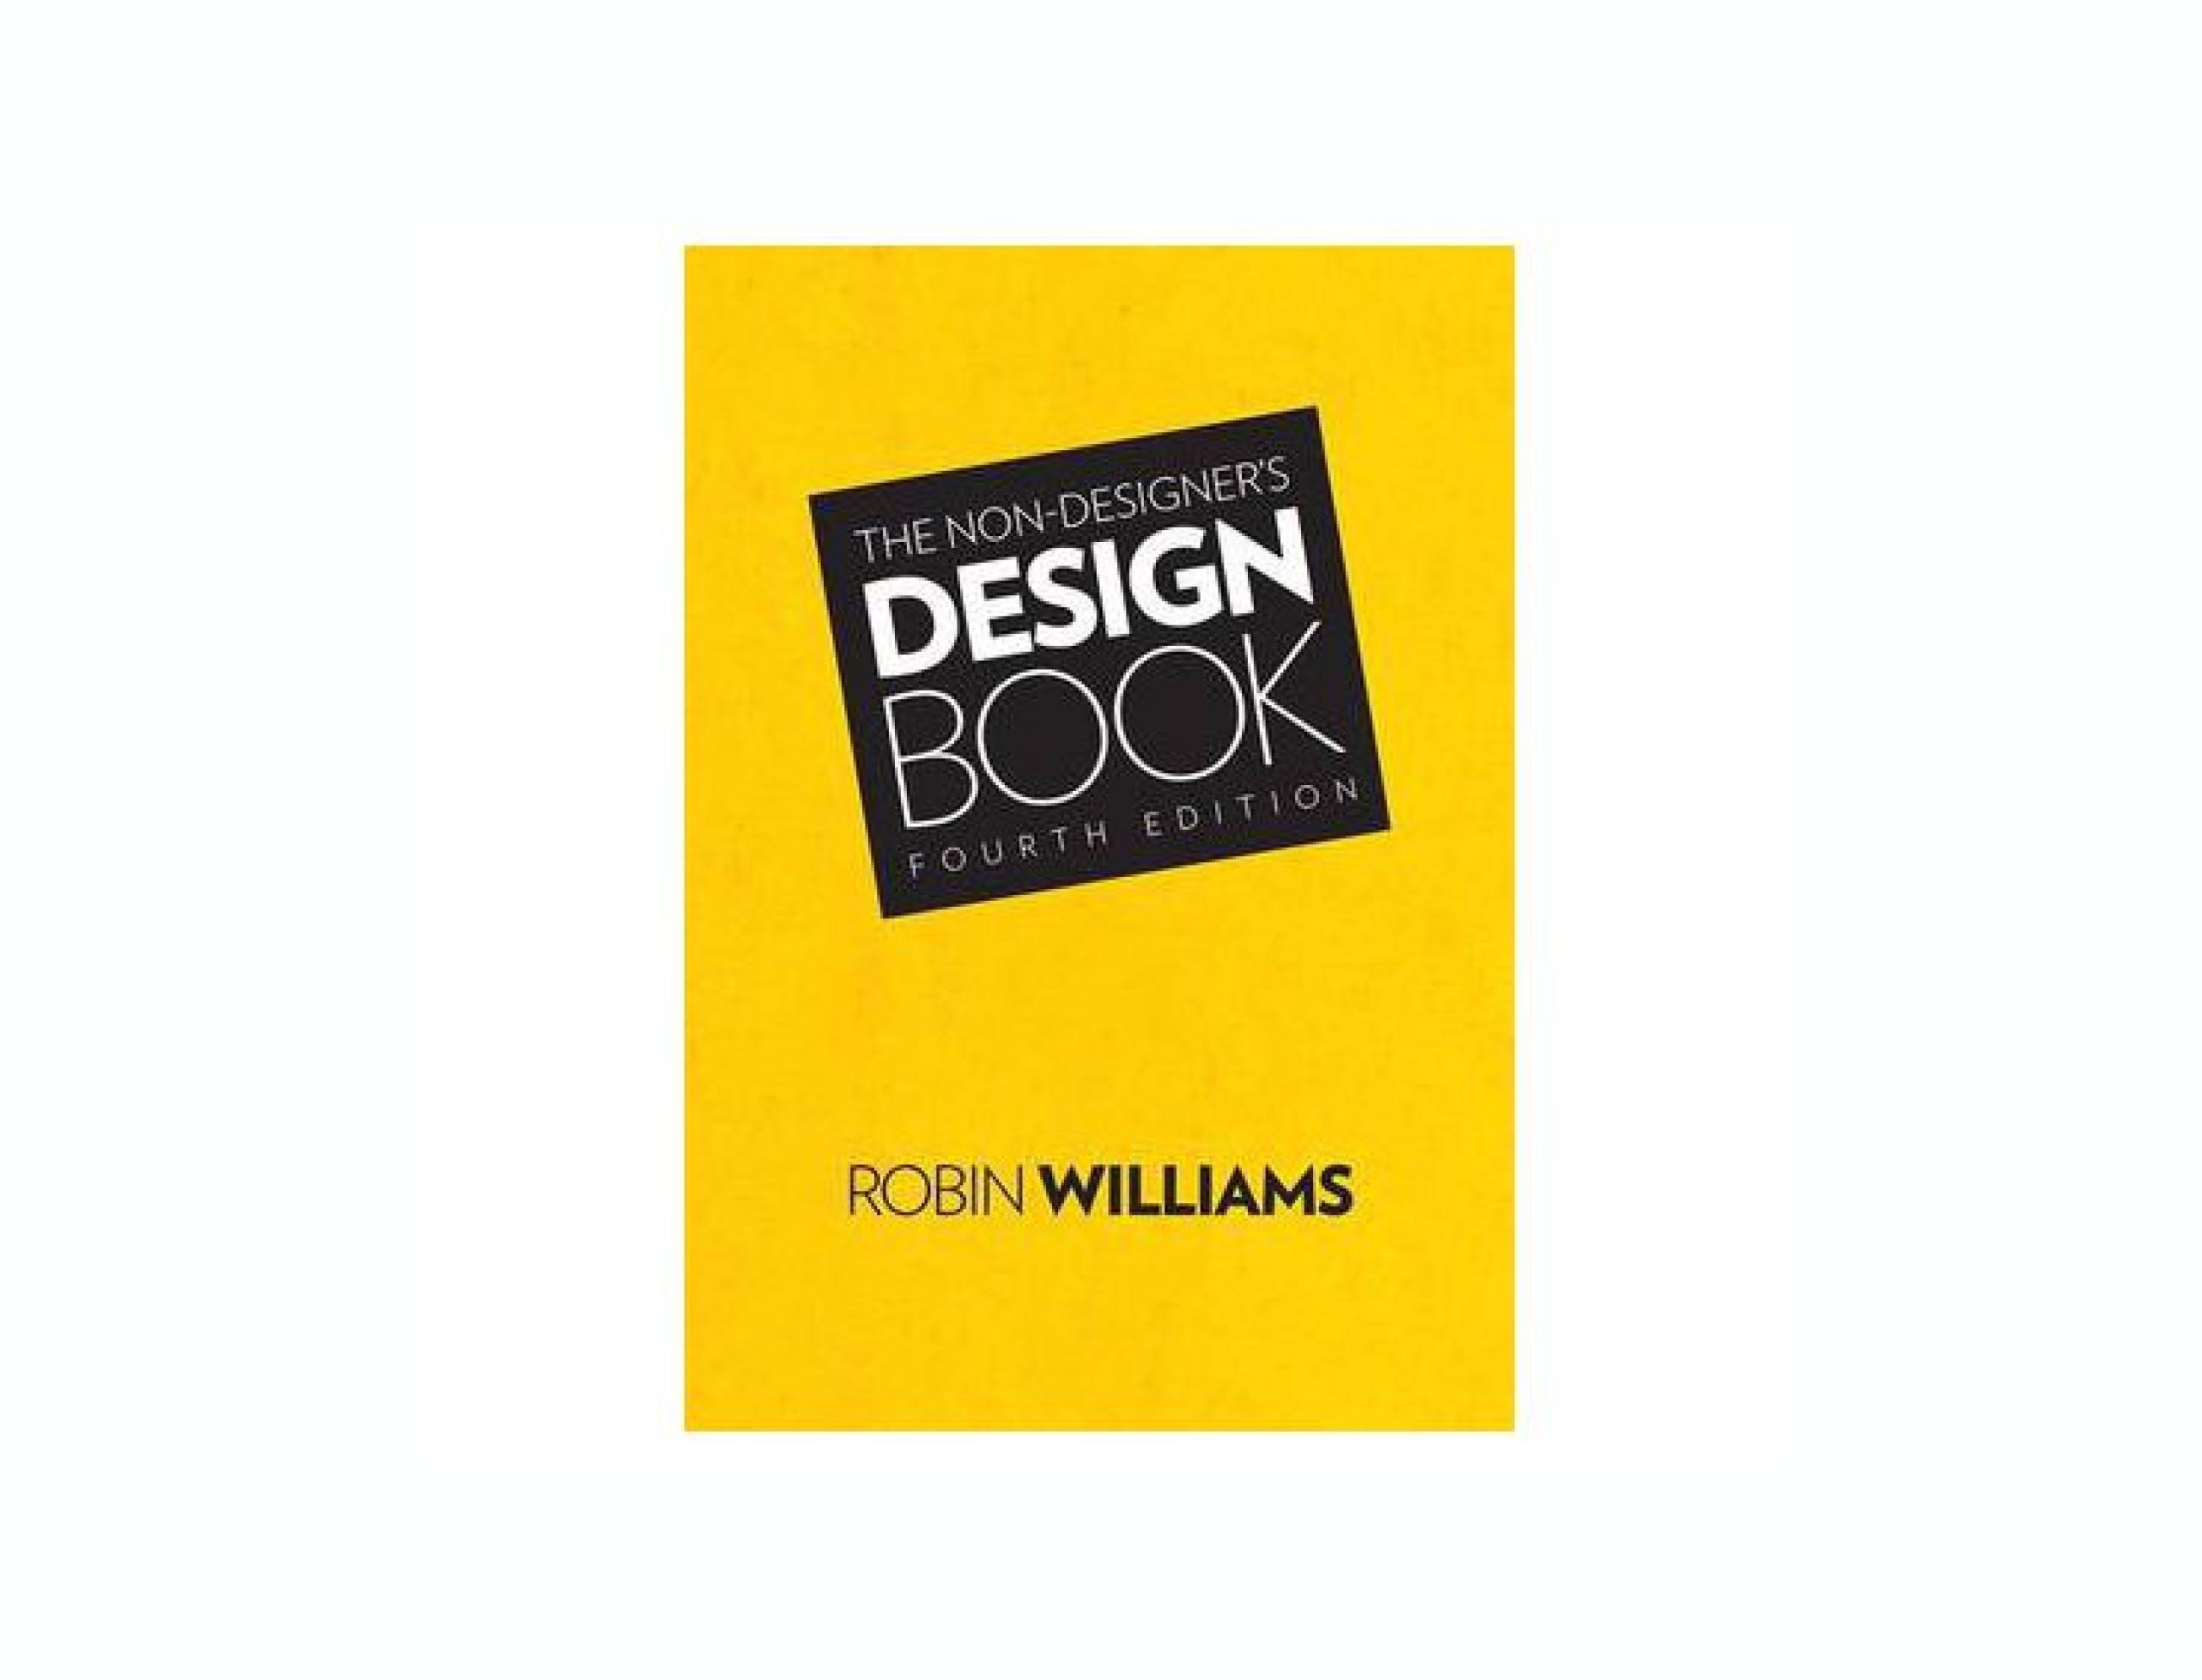 the non-designers design book